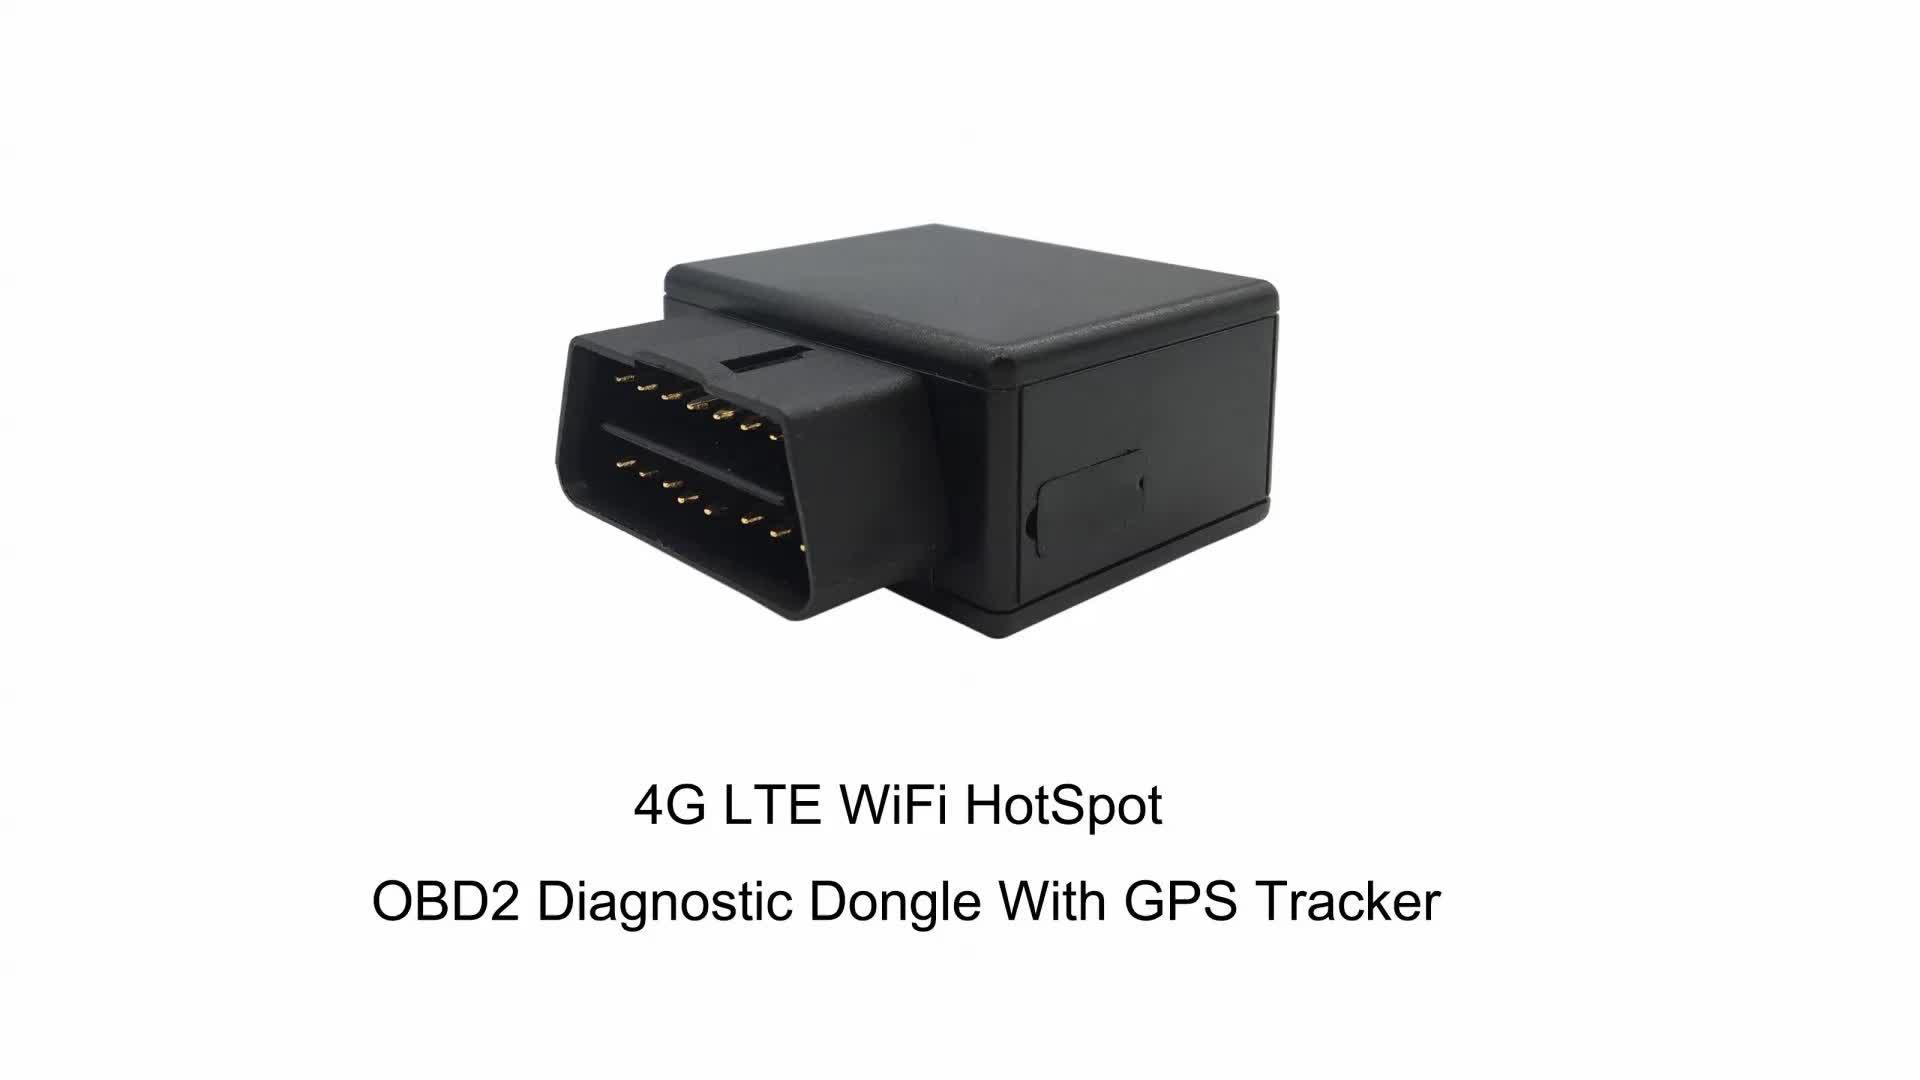 2G/3G/4G obd ii xe thiết bị theo dõi xe hỗ trợ từ xa OTA K dây nối tiếp nâng cấp cổng VT400 xe tracker obd